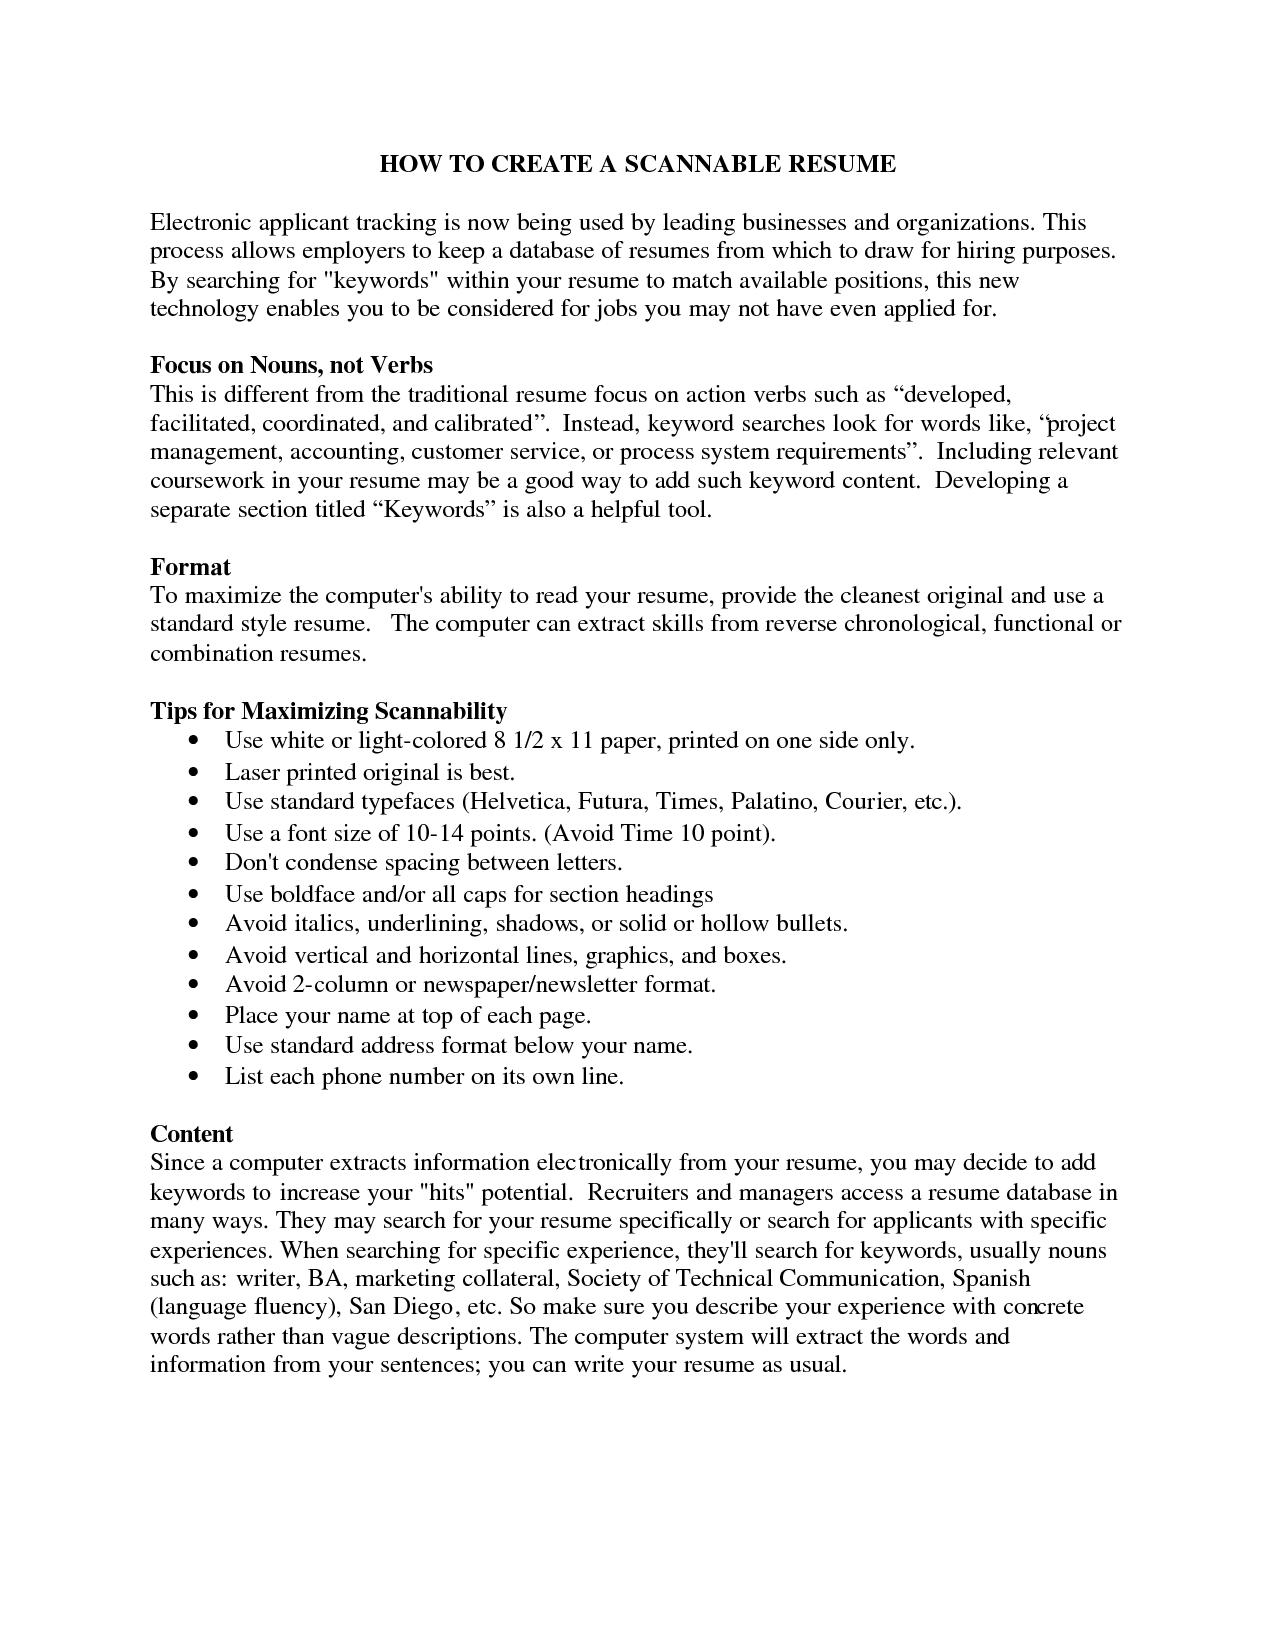 Scannable Resume Keywordscareer Resume Template Career Resume Template Resume Resume Template Templates